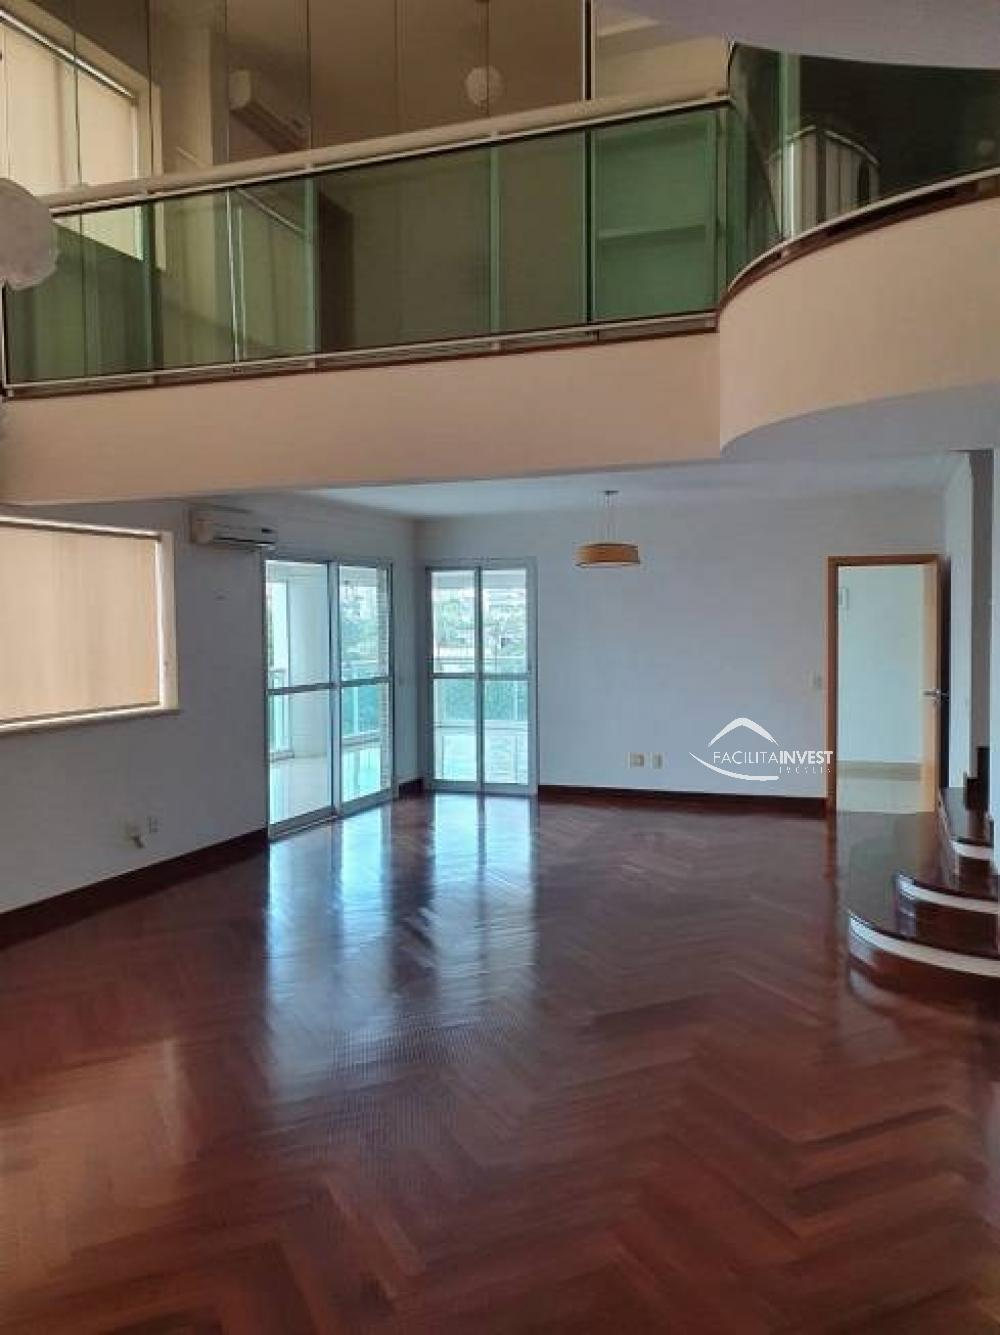 Comprar Apartamentos / Apart. Padrão em Ribeirão Preto R$ 1.300.000,00 - Foto 2